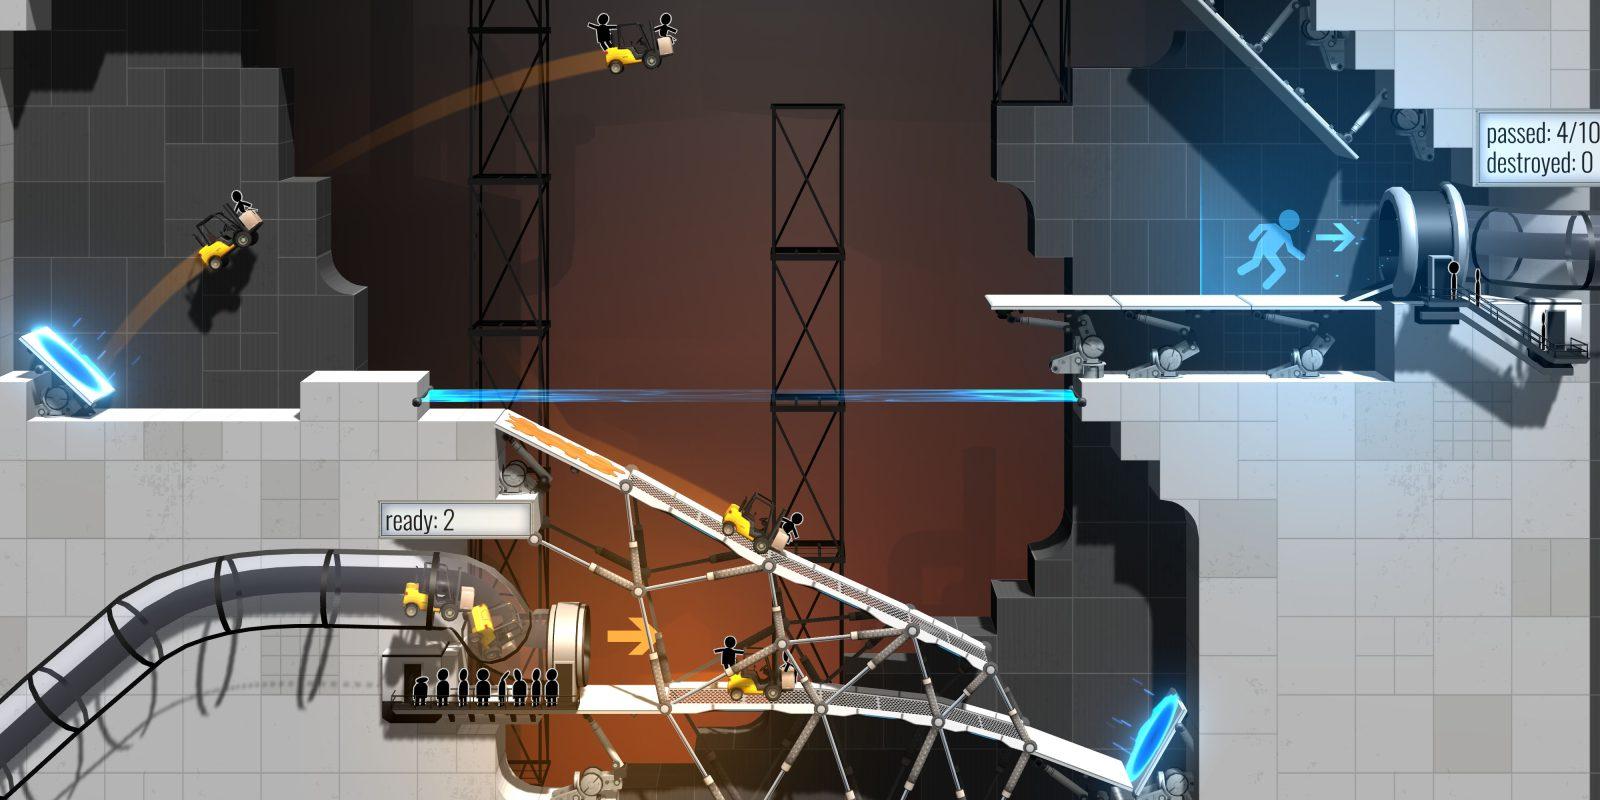 bridge_portal_2